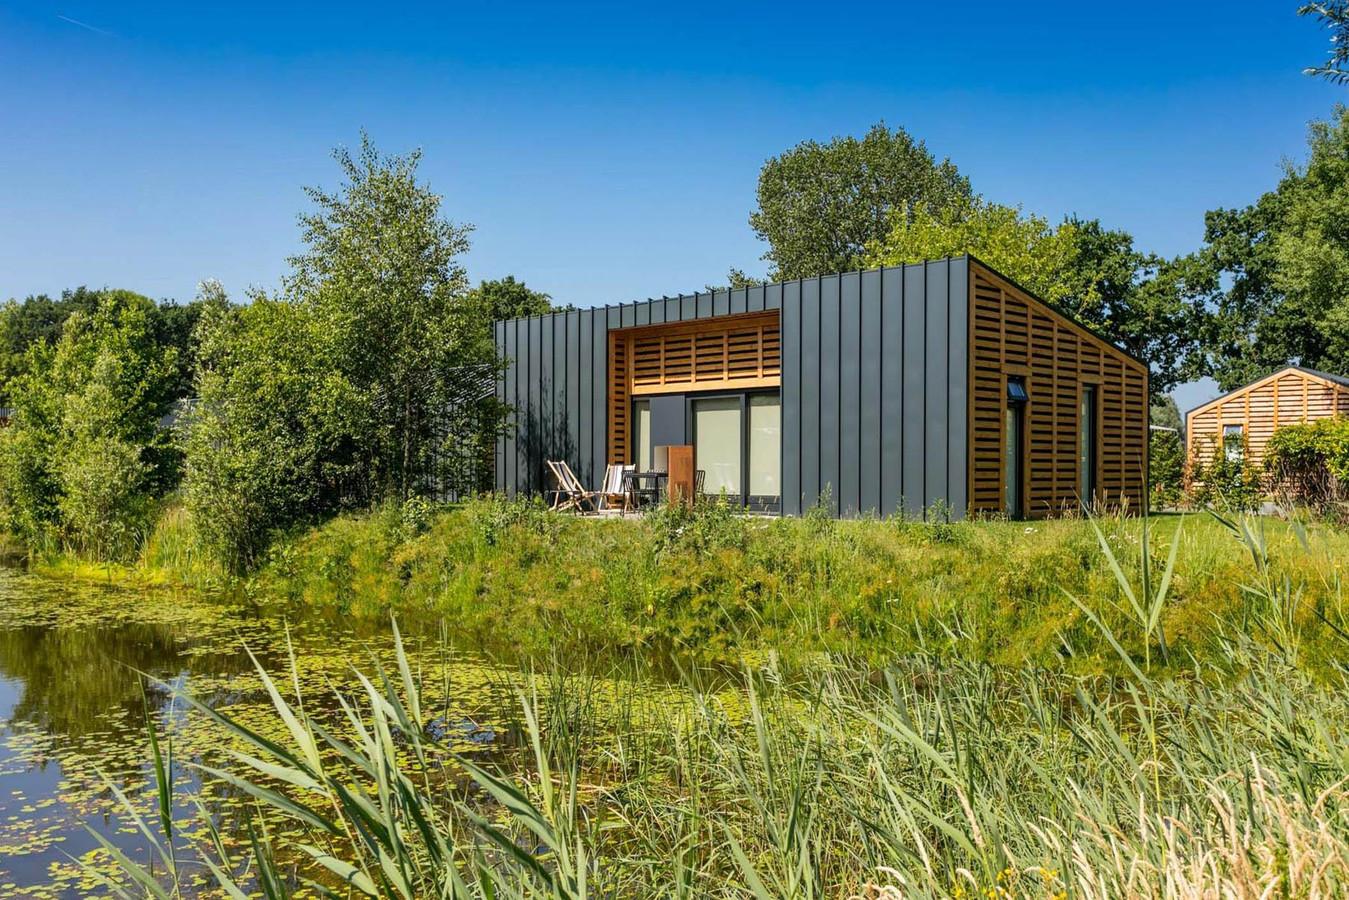 De werknemers van &samhoud gaan om de beurt drie dagen 'thuiswerken' vanuit zo'n woning in de natuur van Loosdrecht.